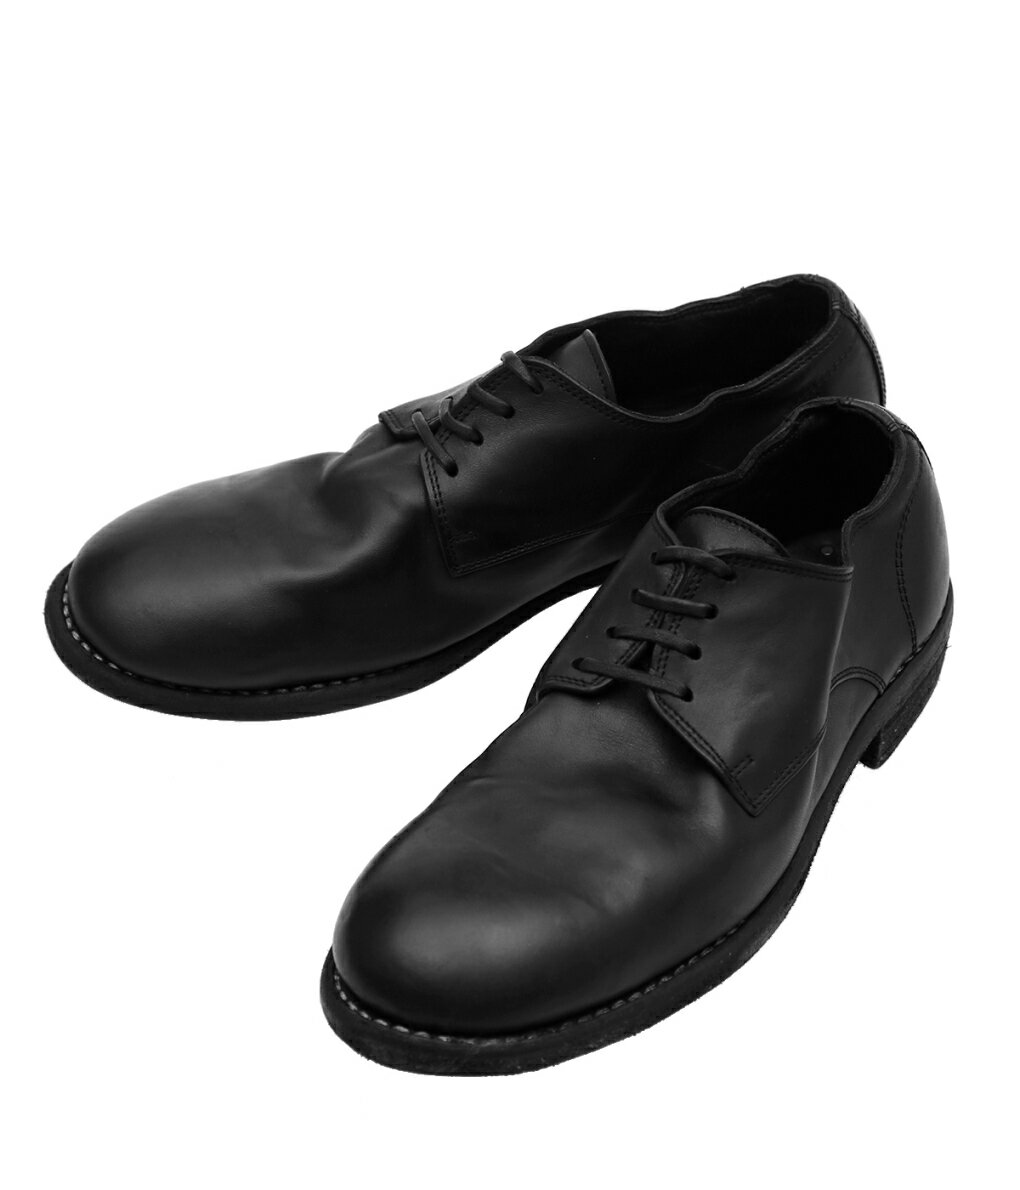 メンズ靴, ビジネスシューズ GUIDI : 992X CLASSIC DERBY SHOES HORSE FULL GRAIN : 992X : 992X-HORSEBJB